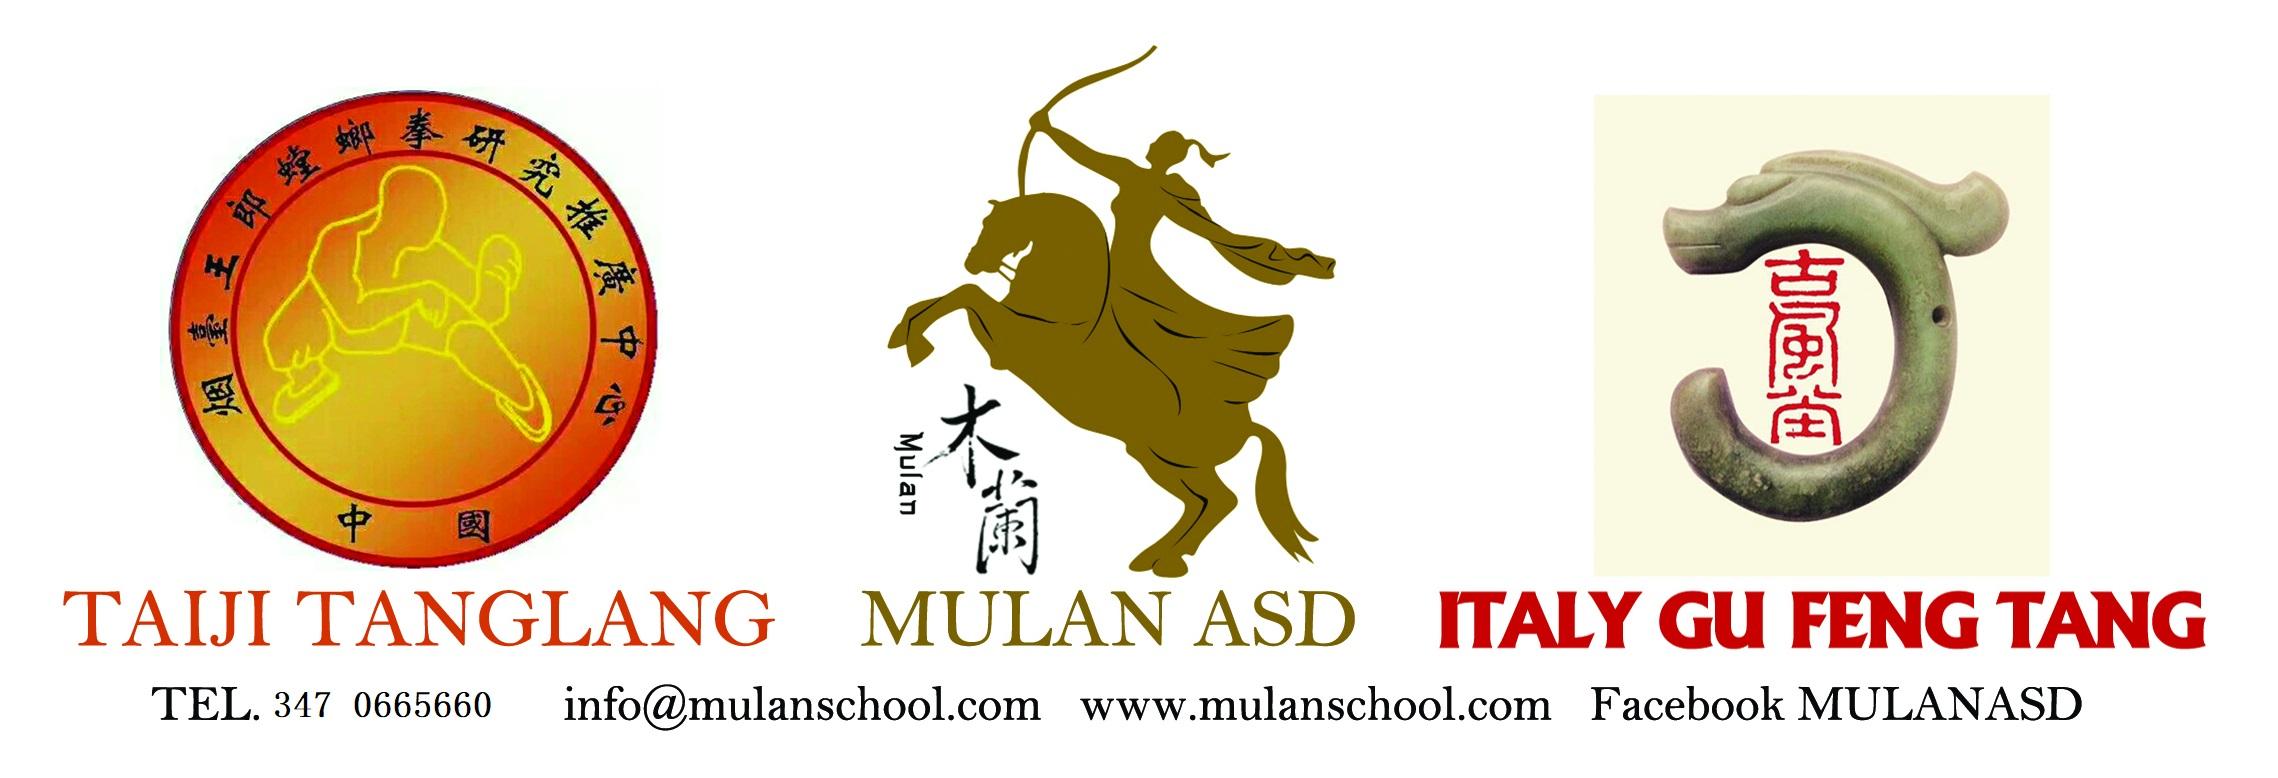 Mulan School